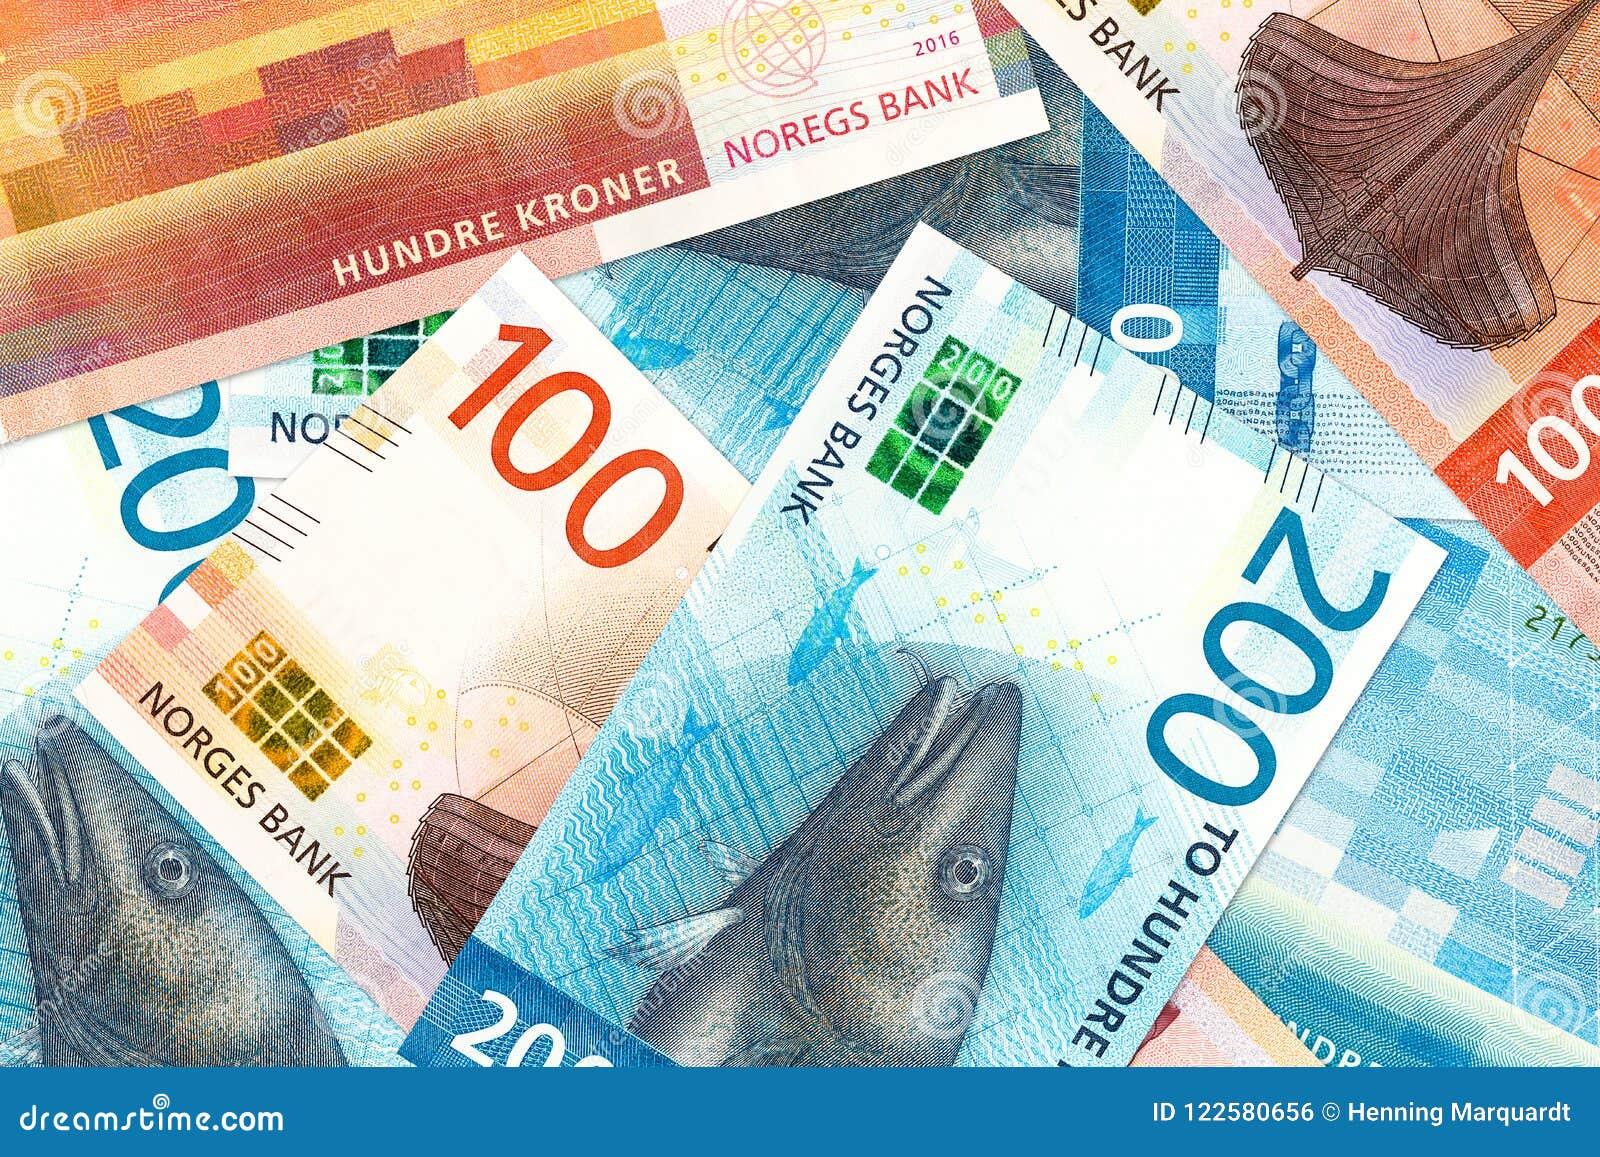 Unos nuevos 100 y 200 billetes de banco de la corona noruega